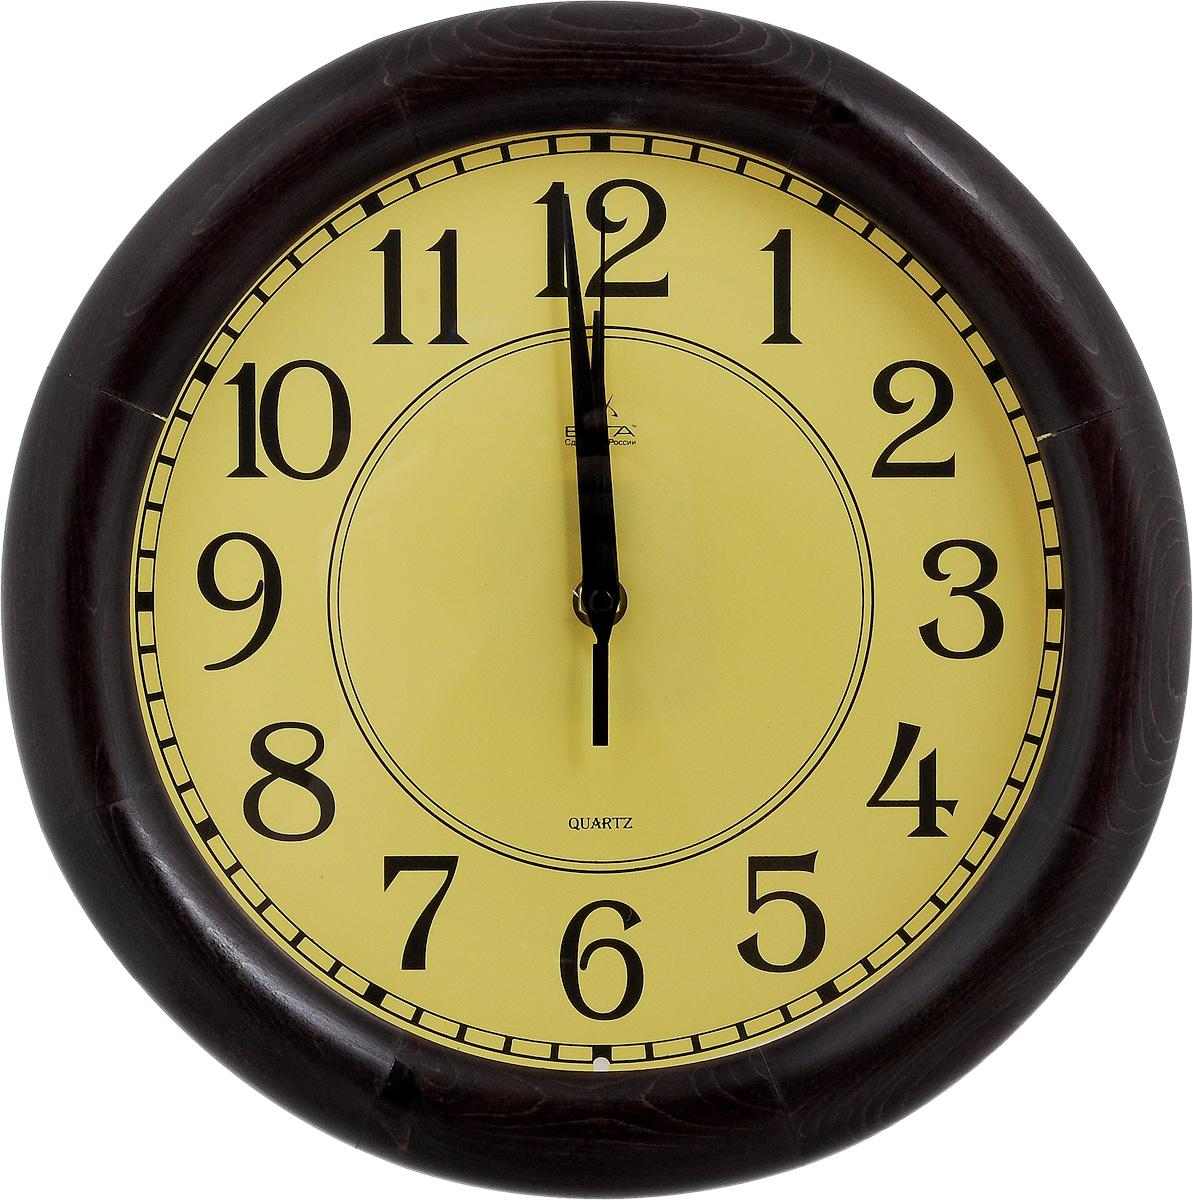 Часы настенные Вега Классика, цвет: темно-коричневый, желтый, диаметр 30 смД1МД/7-227Настенные кварцевые часы Вега Классика, изготовленные из дерева, прекрасно впишутся в интерьер вашего дома. Часы имеют три стрелки: часовую, минутную и секундную, циферблат защищен прозрачным стеклом. Часы работают от 1 батарейки типа АА напряжением 1,5 В (не входит в комплект). Диаметр часов: 30 см.